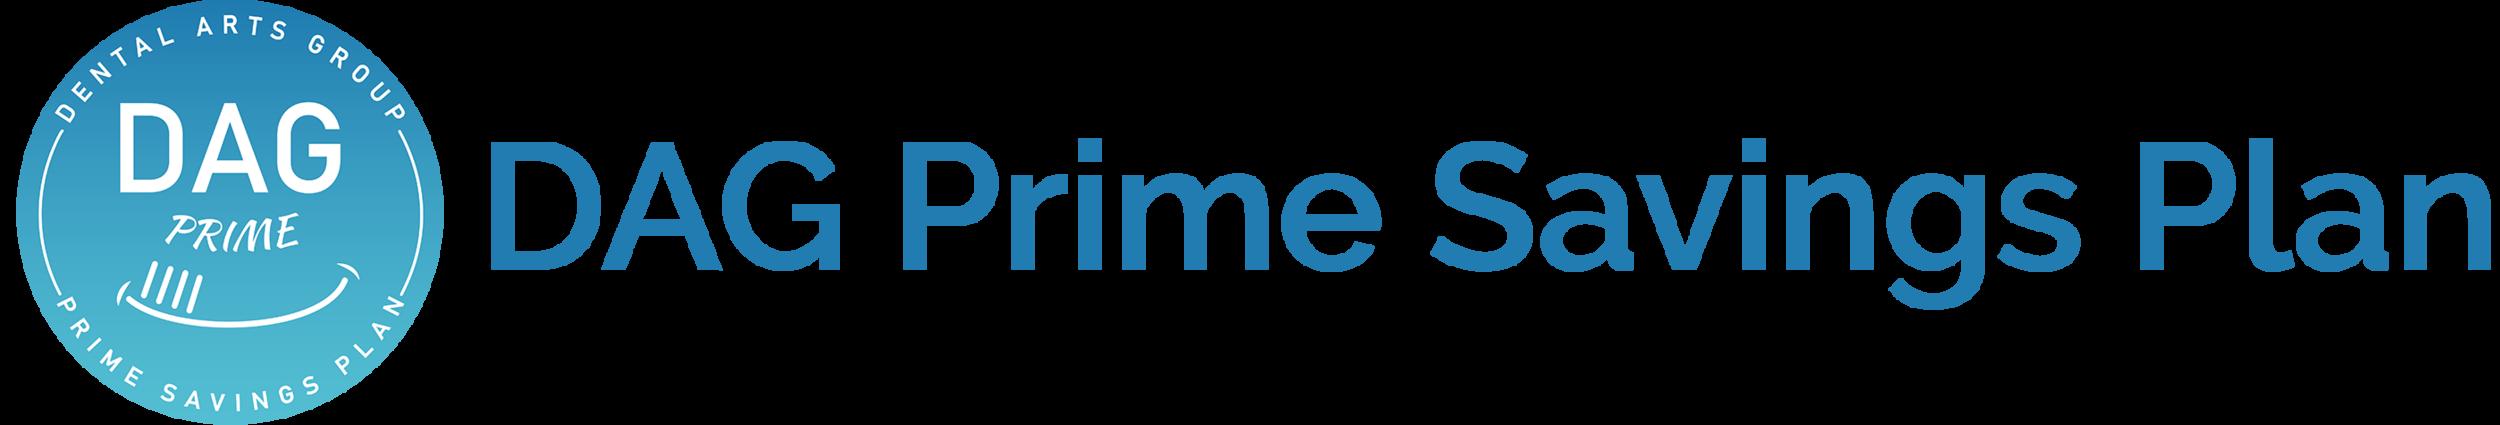 DAG Prime Savings Plan Logo